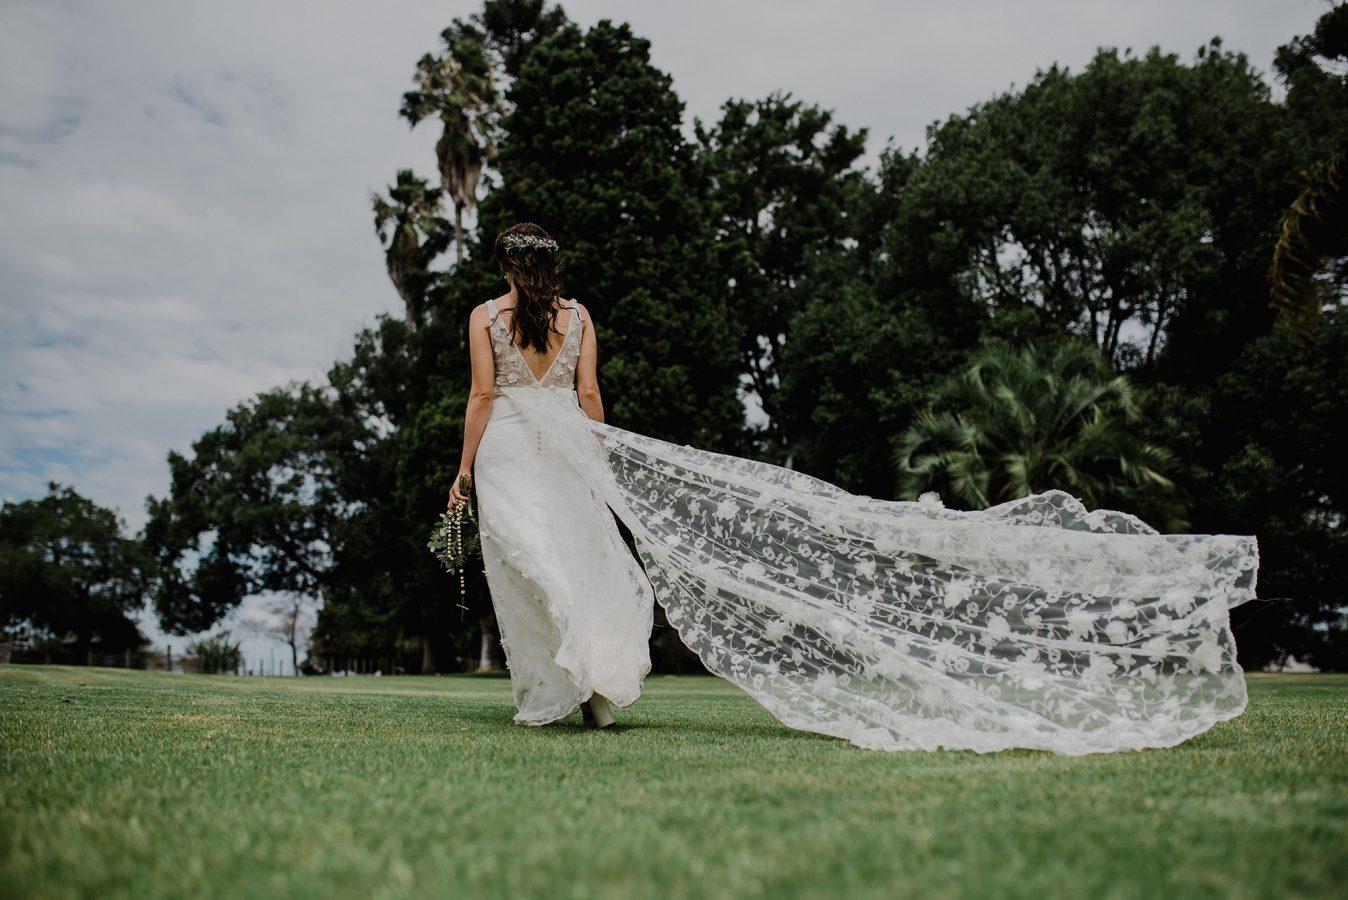 la-baguala-casamientos-uruguay-23